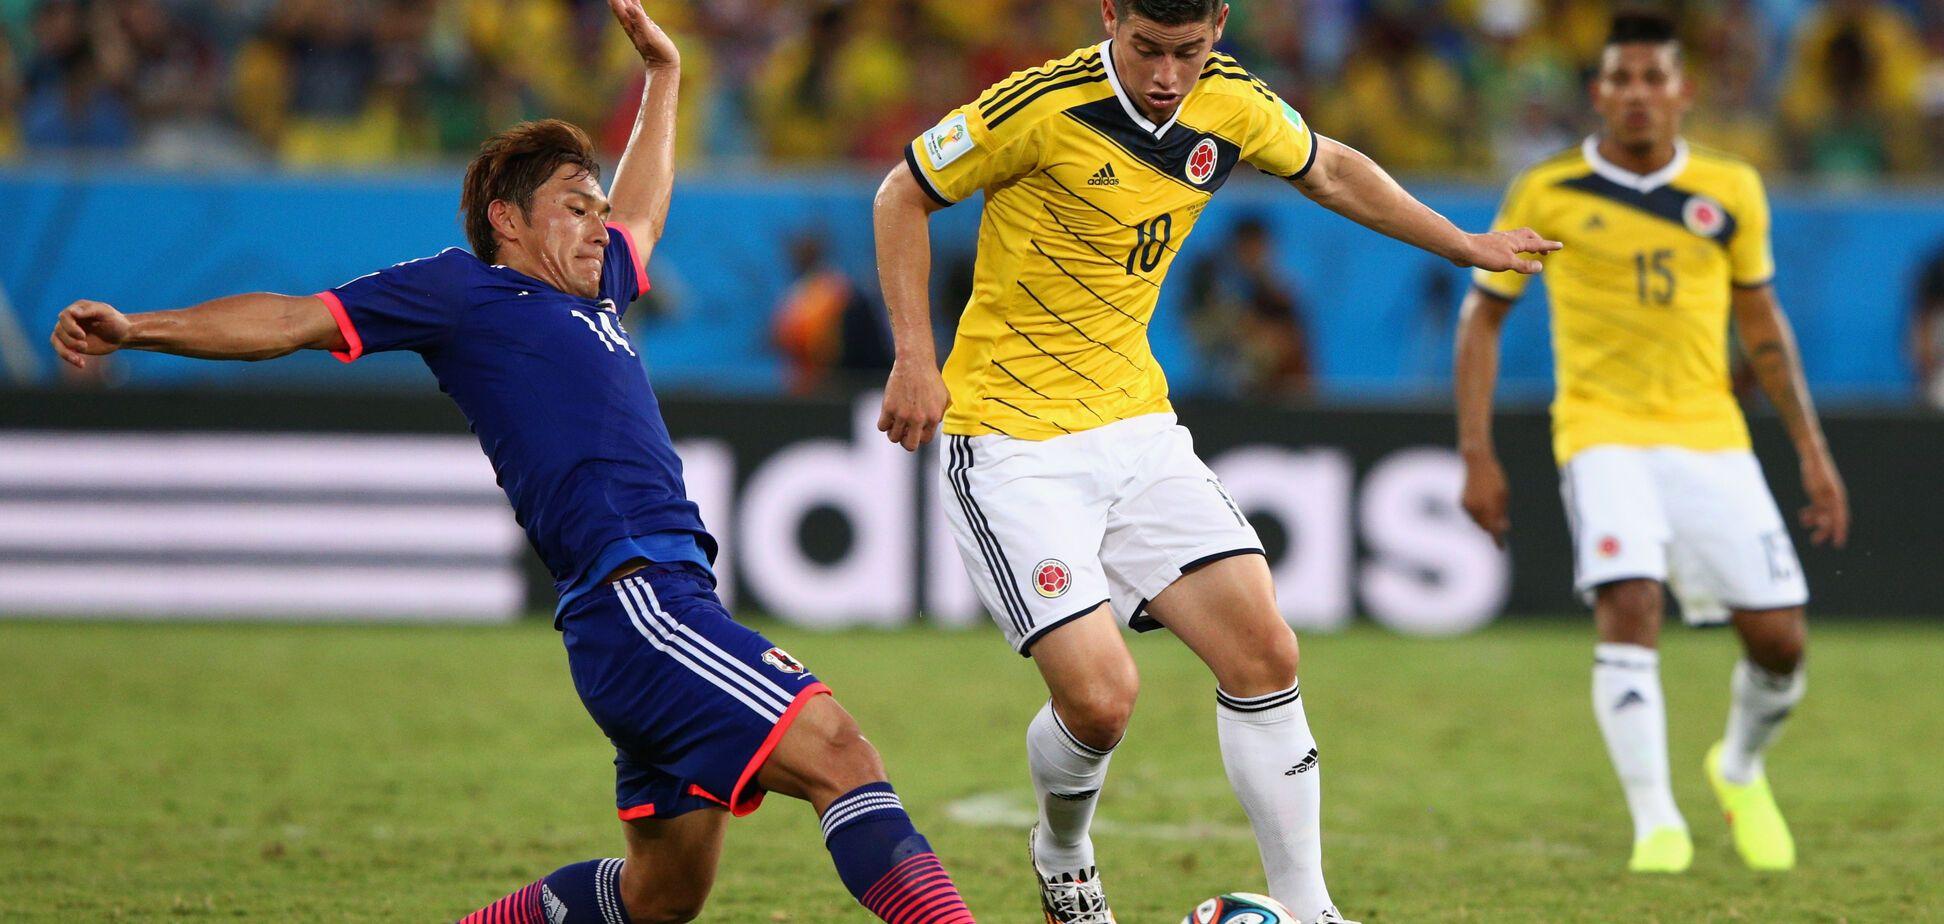 Колумбия – Япония - 1-2: онлайн-трансляция матча ЧМ-2018